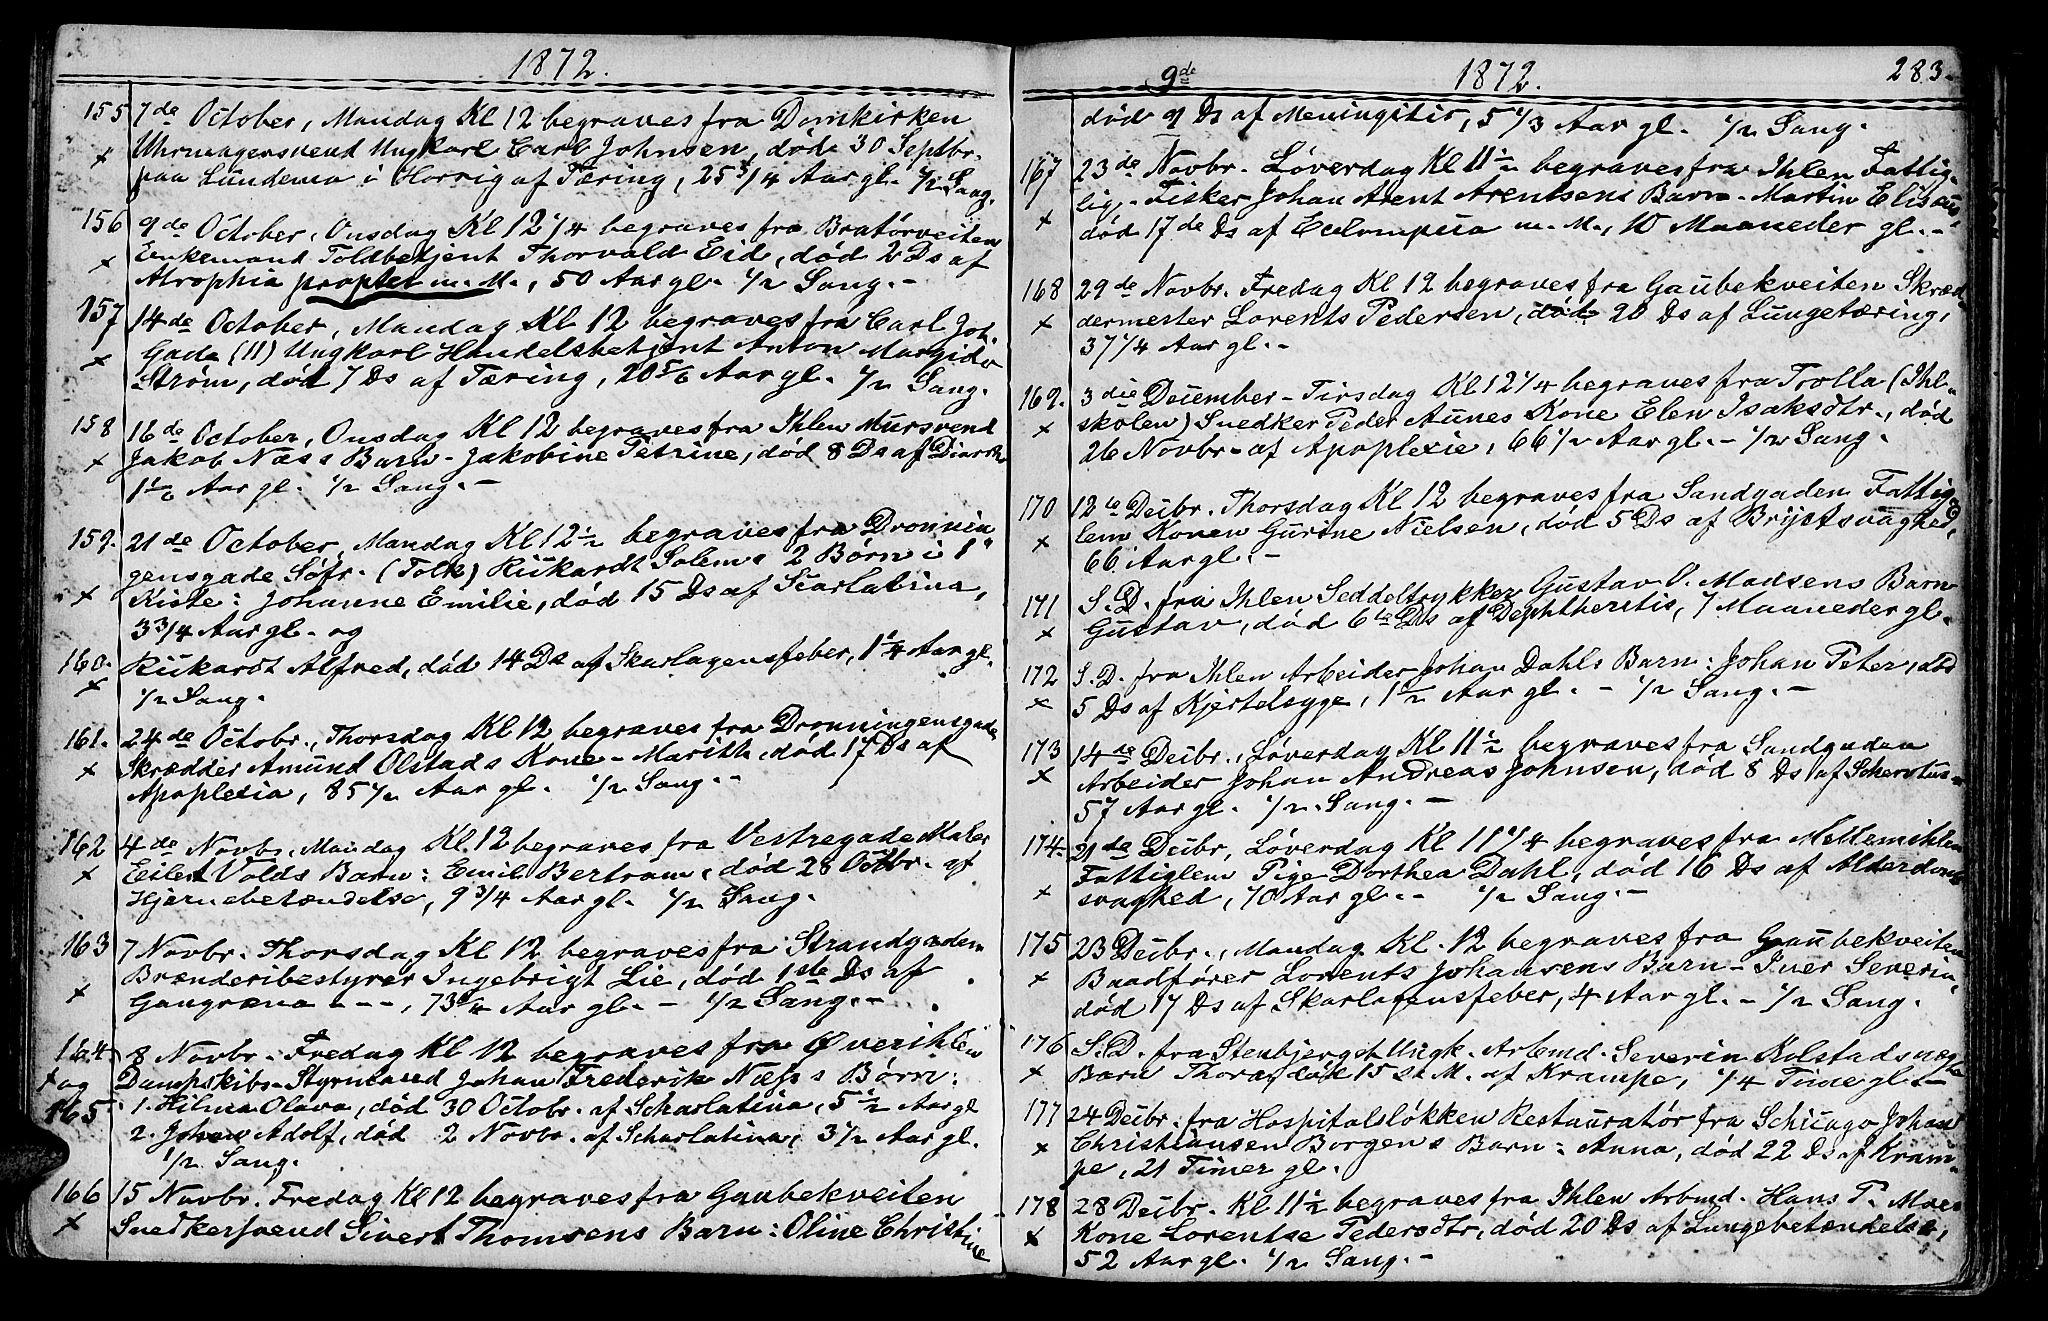 SAT, Ministerialprotokoller, klokkerbøker og fødselsregistre - Sør-Trøndelag, 602/L0142: Klokkerbok nr. 602C10, 1872-1894, s. 283